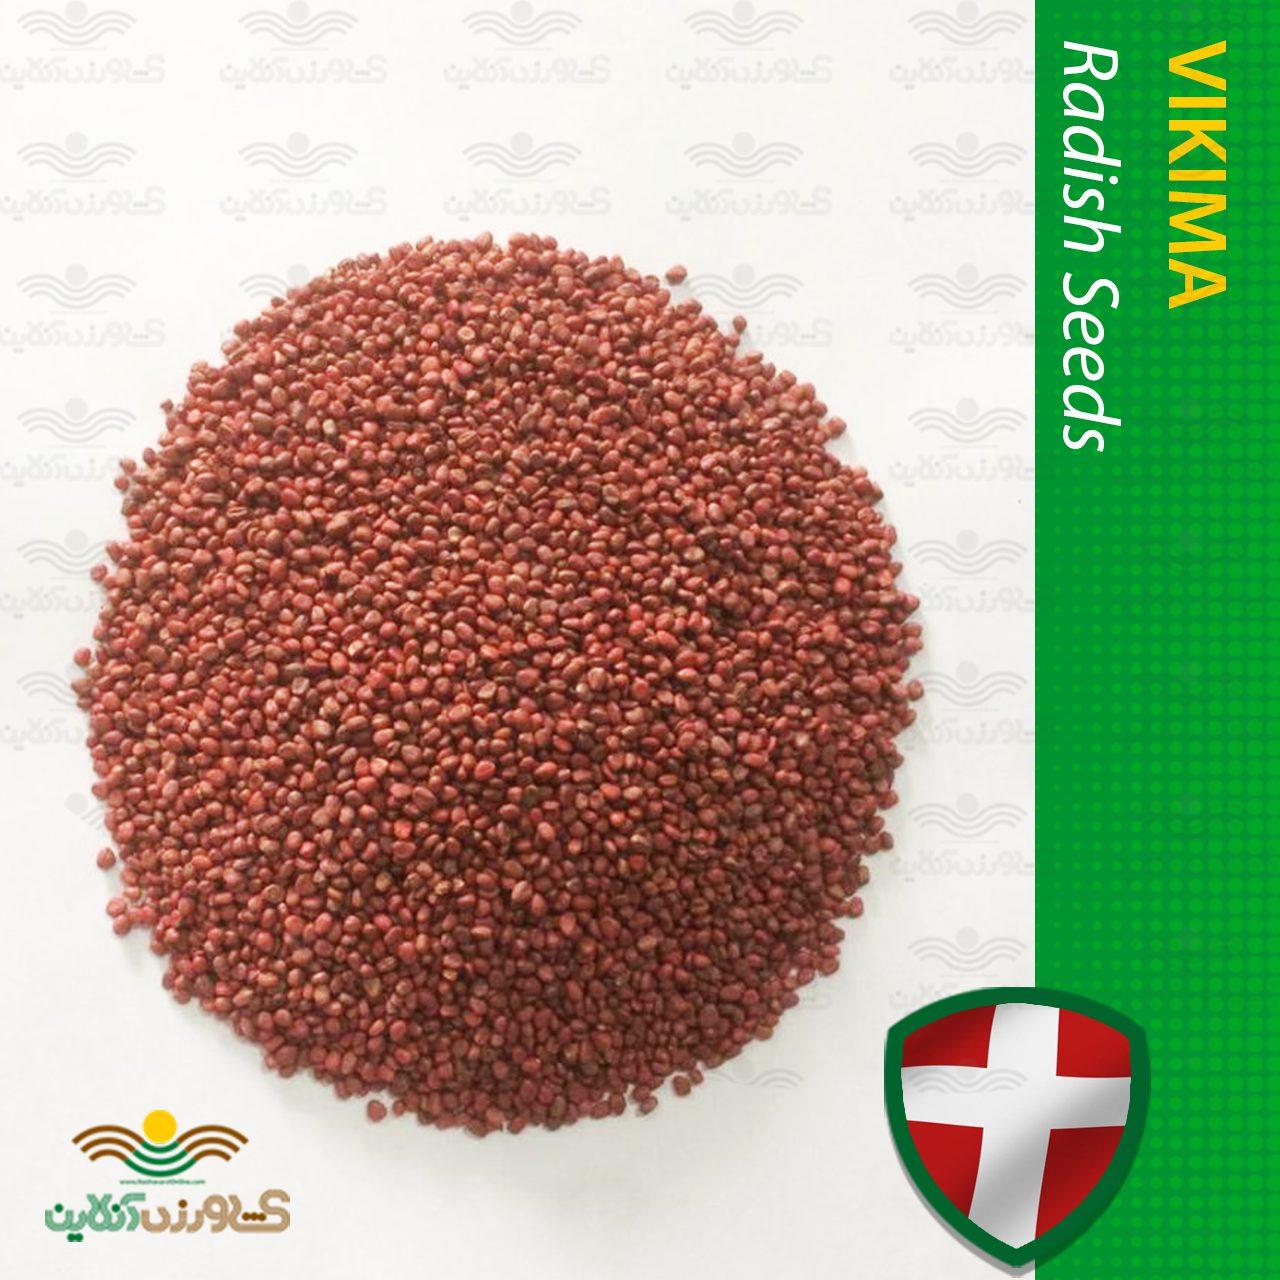 بذر تربچه ساکسا ویکیما 80 گرمی